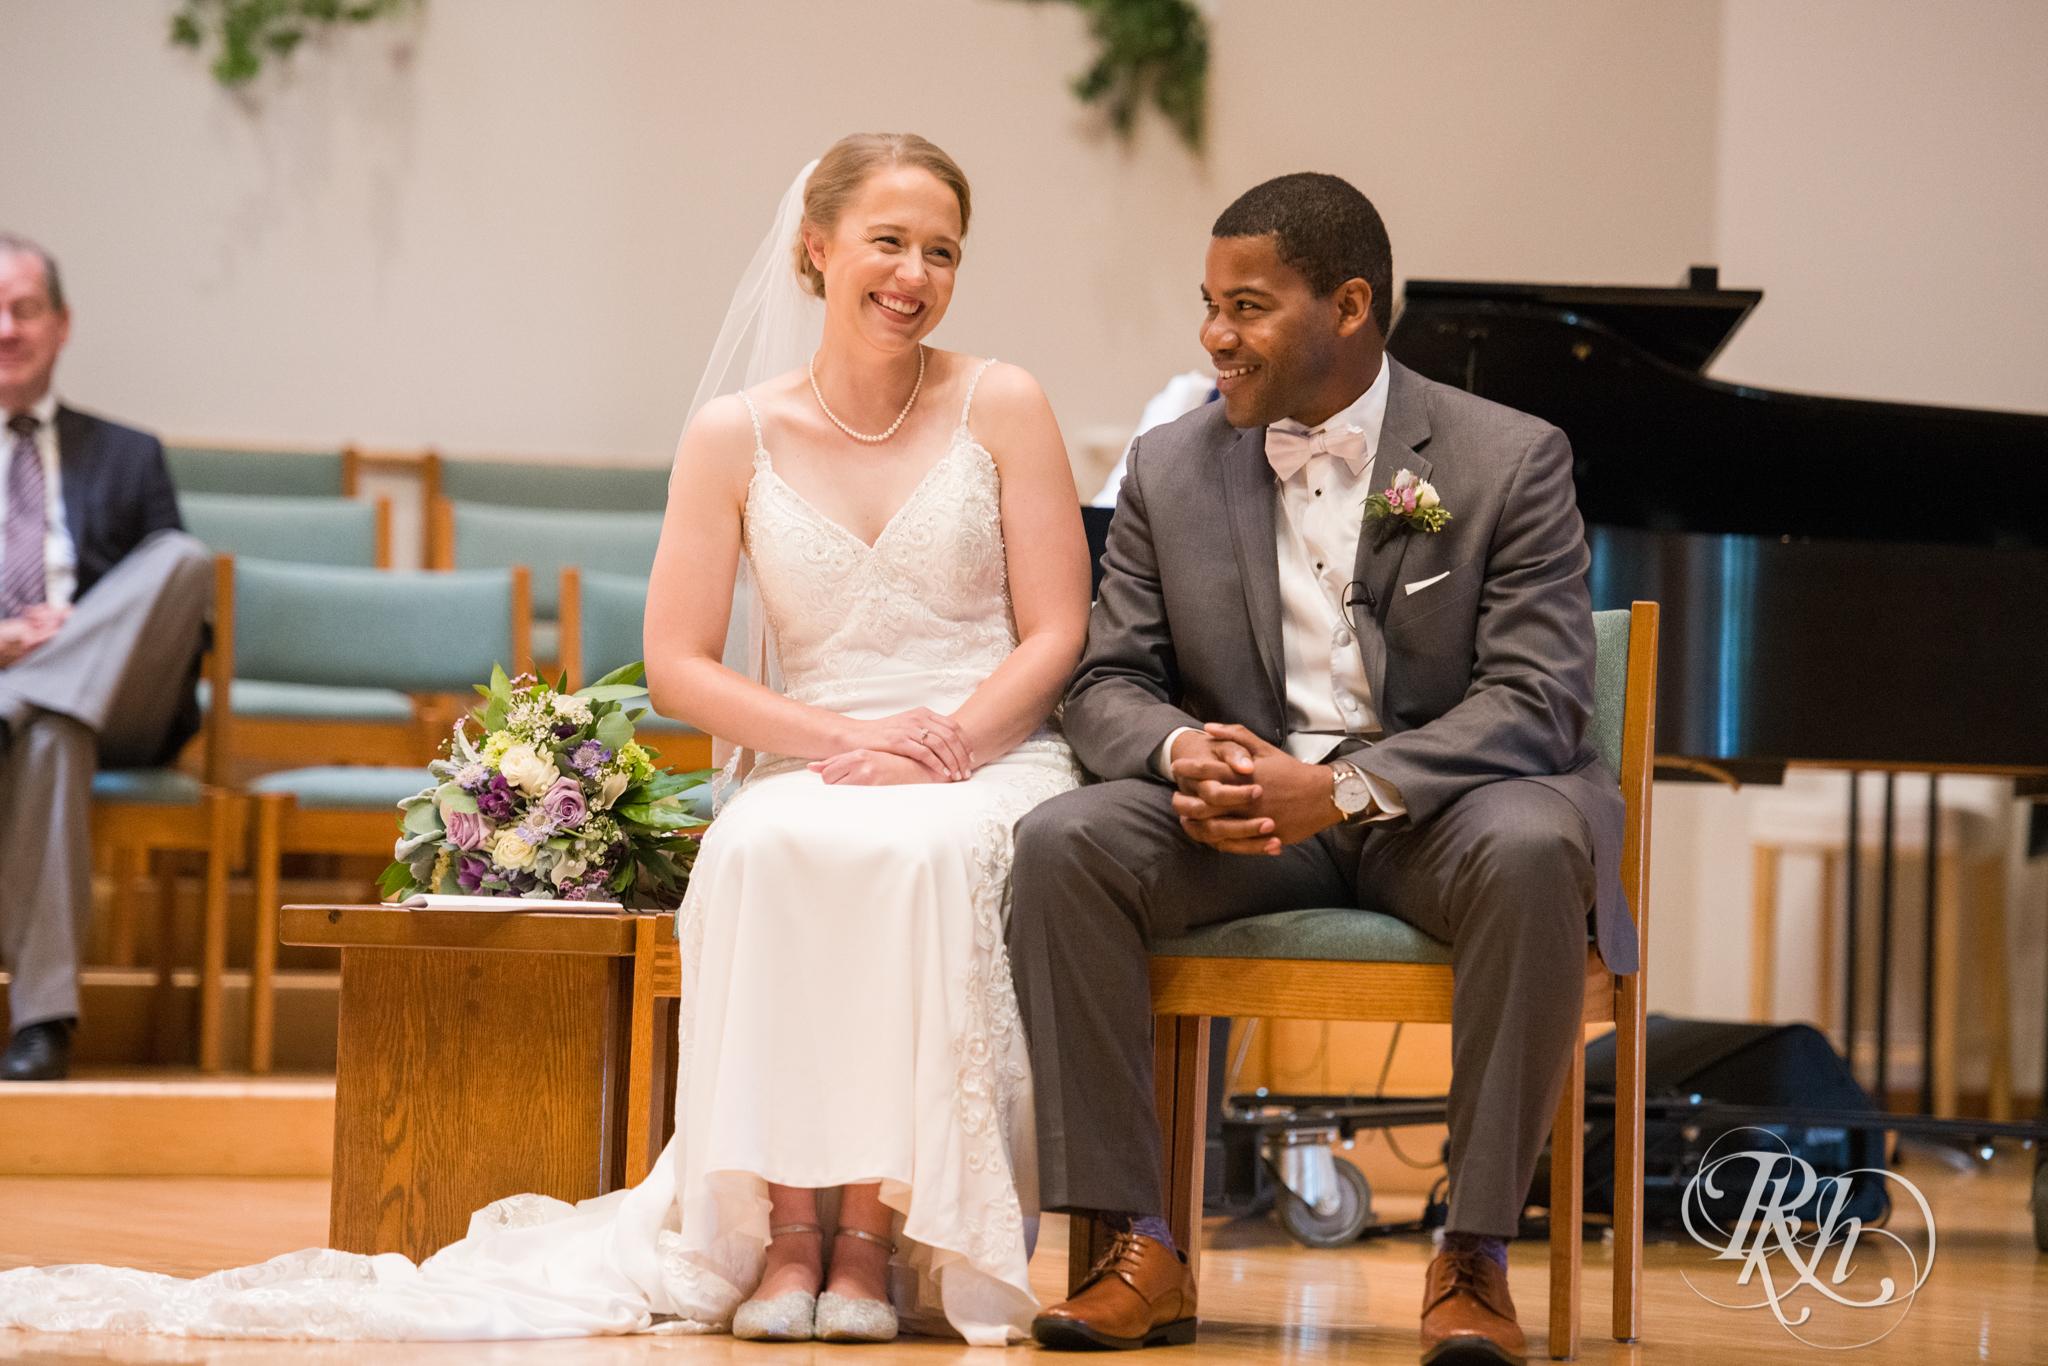 Laura and Adekunle - Minnesota Wedding Photographer - Minnesota History Center - RKH Images - Blog (17 of 75).jpg